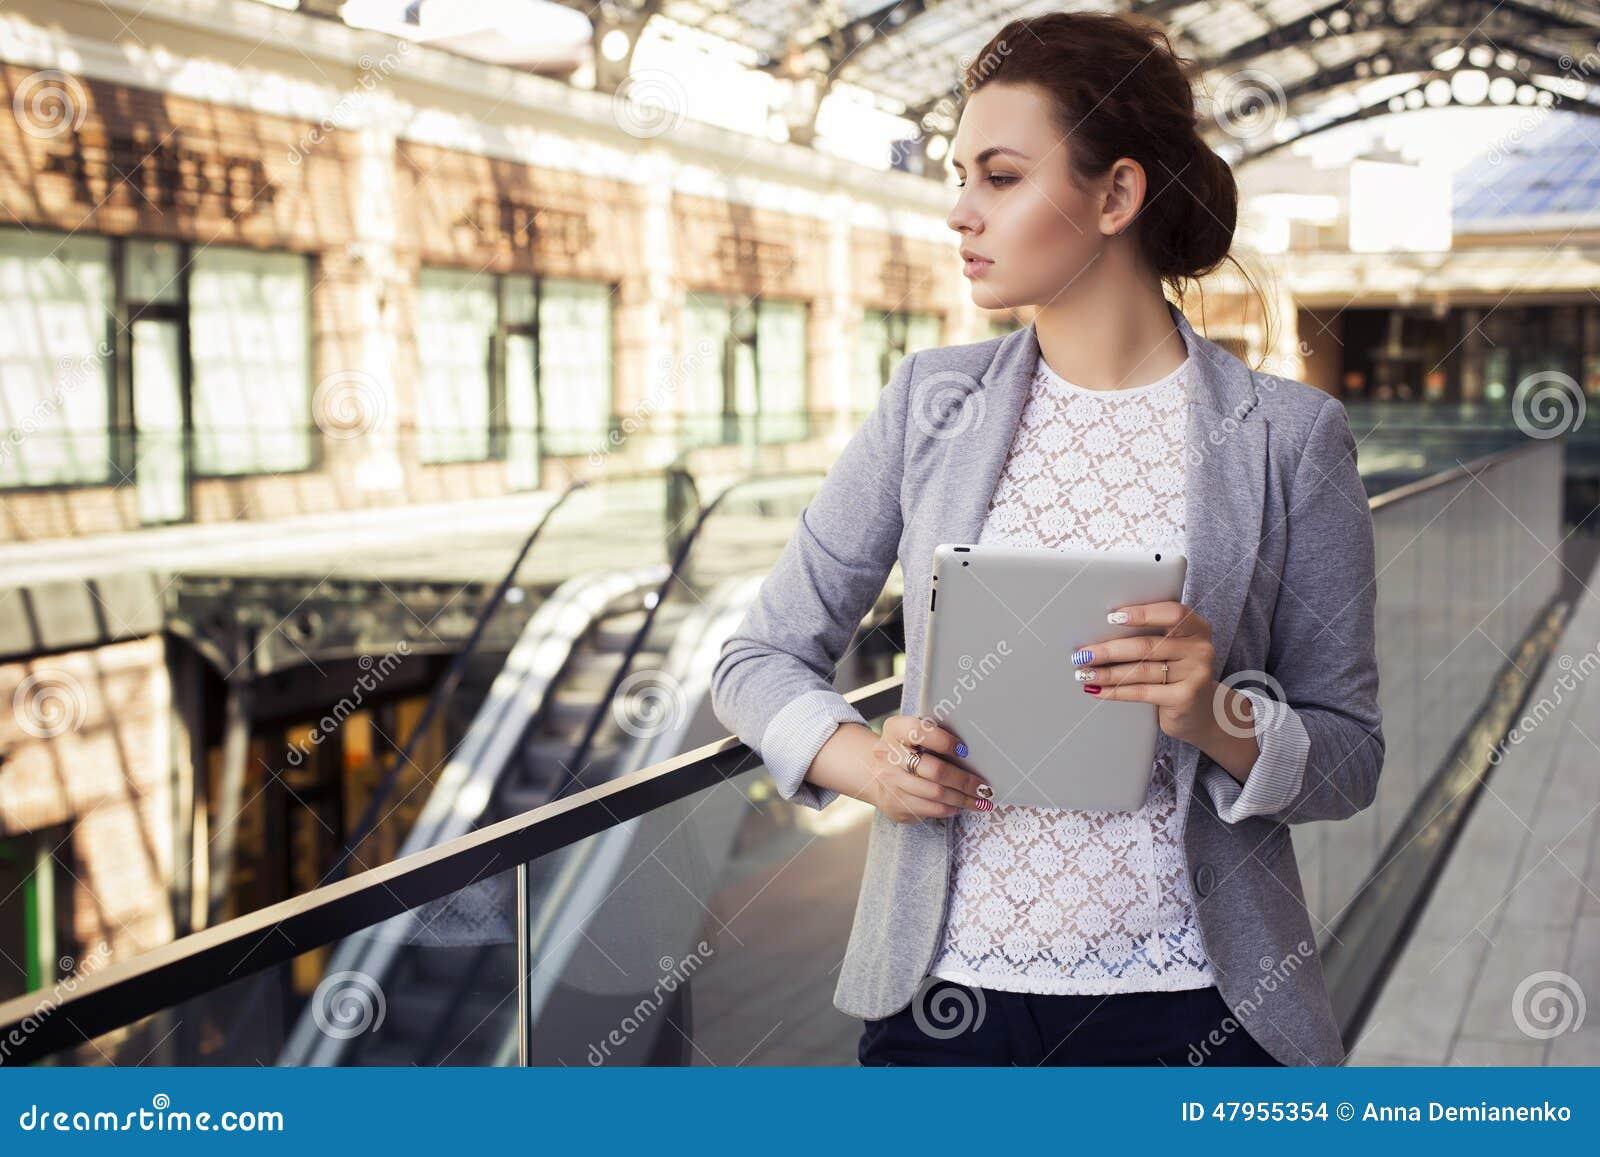 Brunettkvinnan i grå färger klår upp, mörk byxa och den vita blusen med minnestavlan utomhus kopiera avstånd